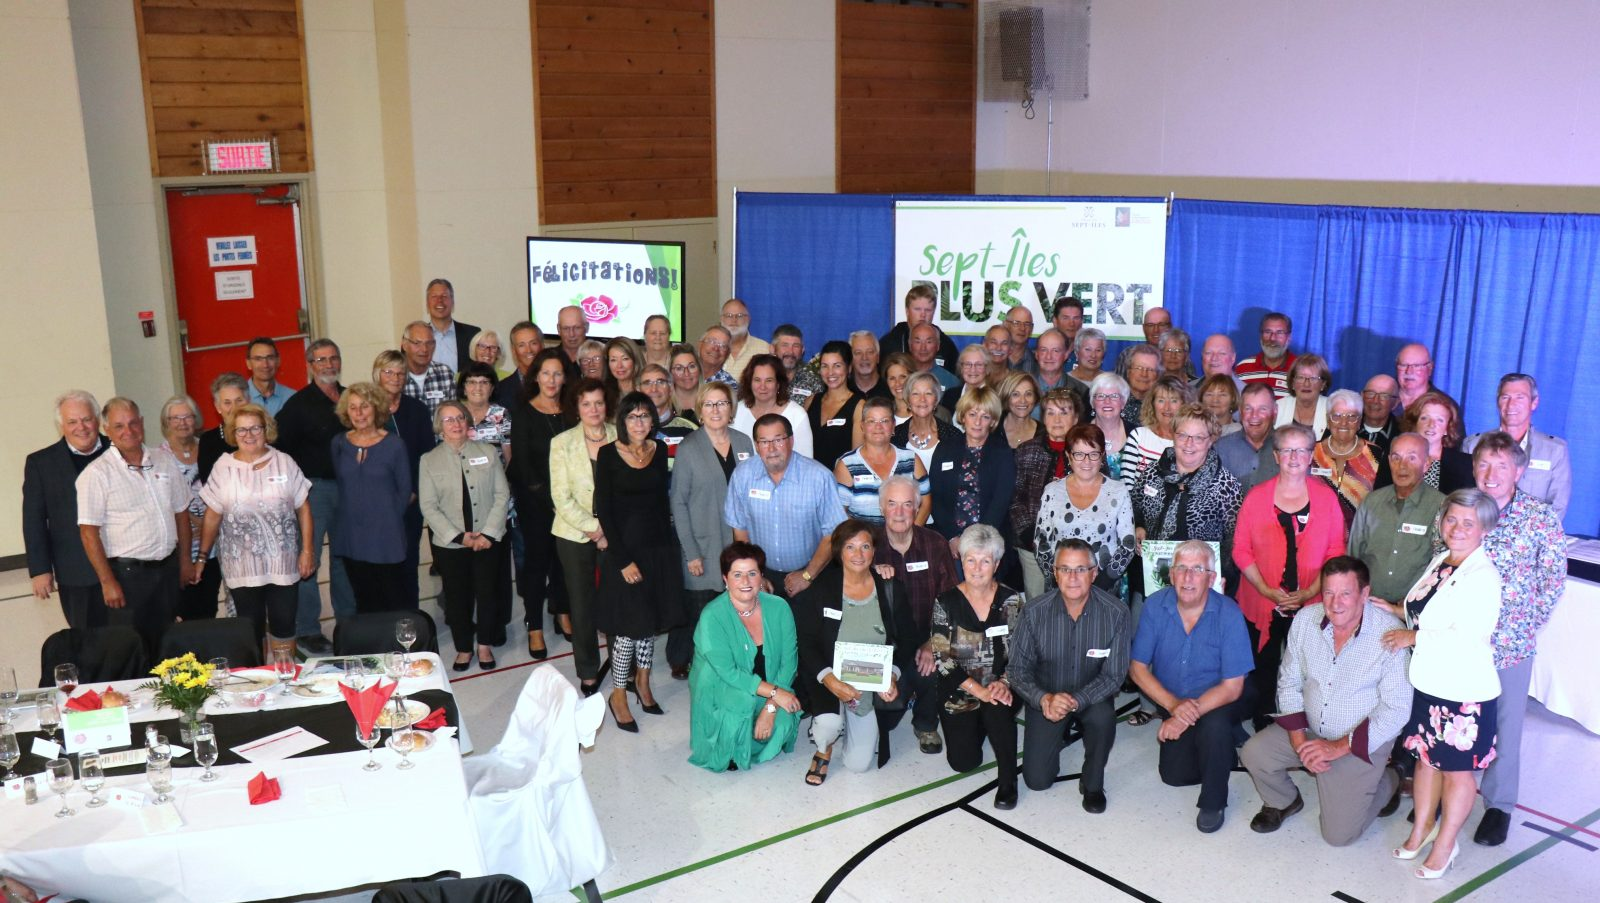 Les lauréats du concours Sept-Îles plus vert sont dévoilés